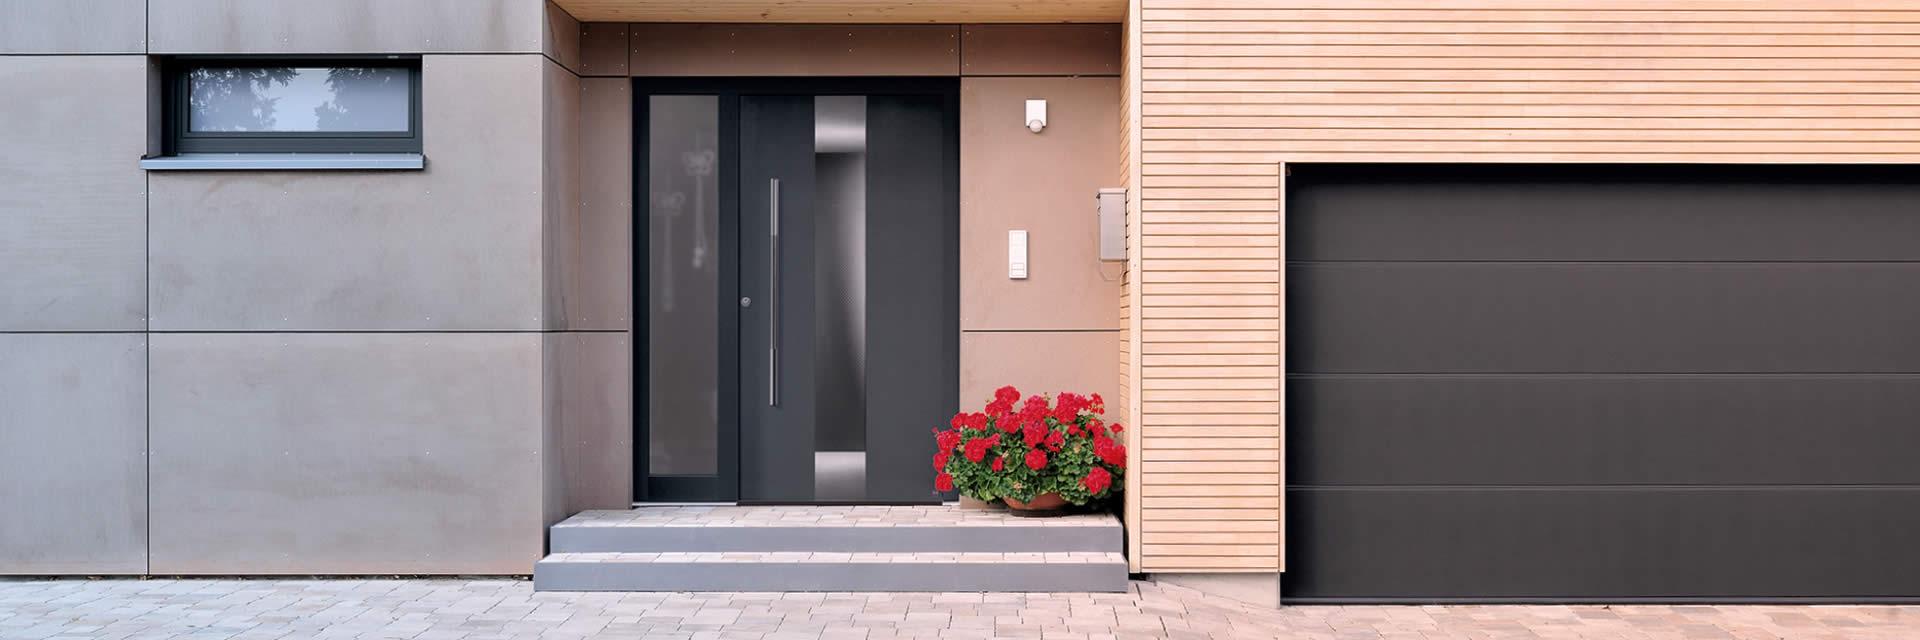 Kovacic volets fen tres porte de garage strasbourg for Porte de garage strasbourg